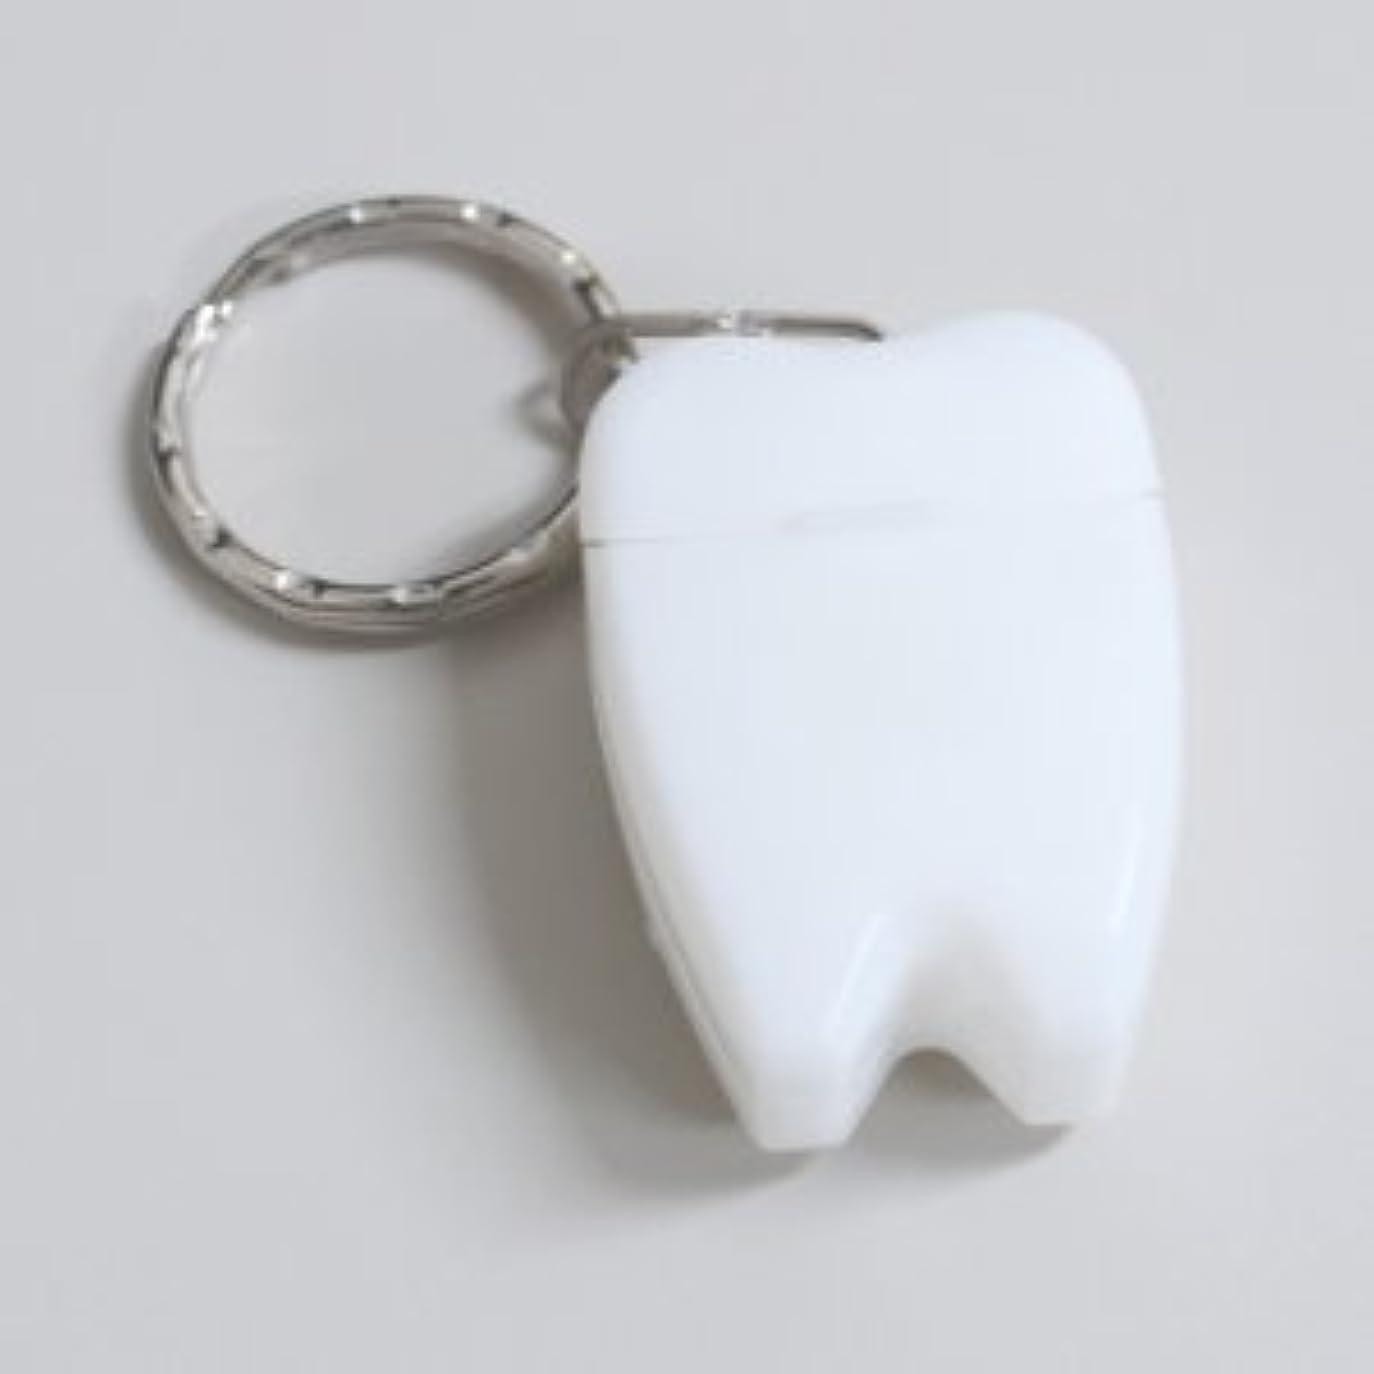 つかむ論理黒歯型デンタルフロス キーホルダー ホワイト 1個